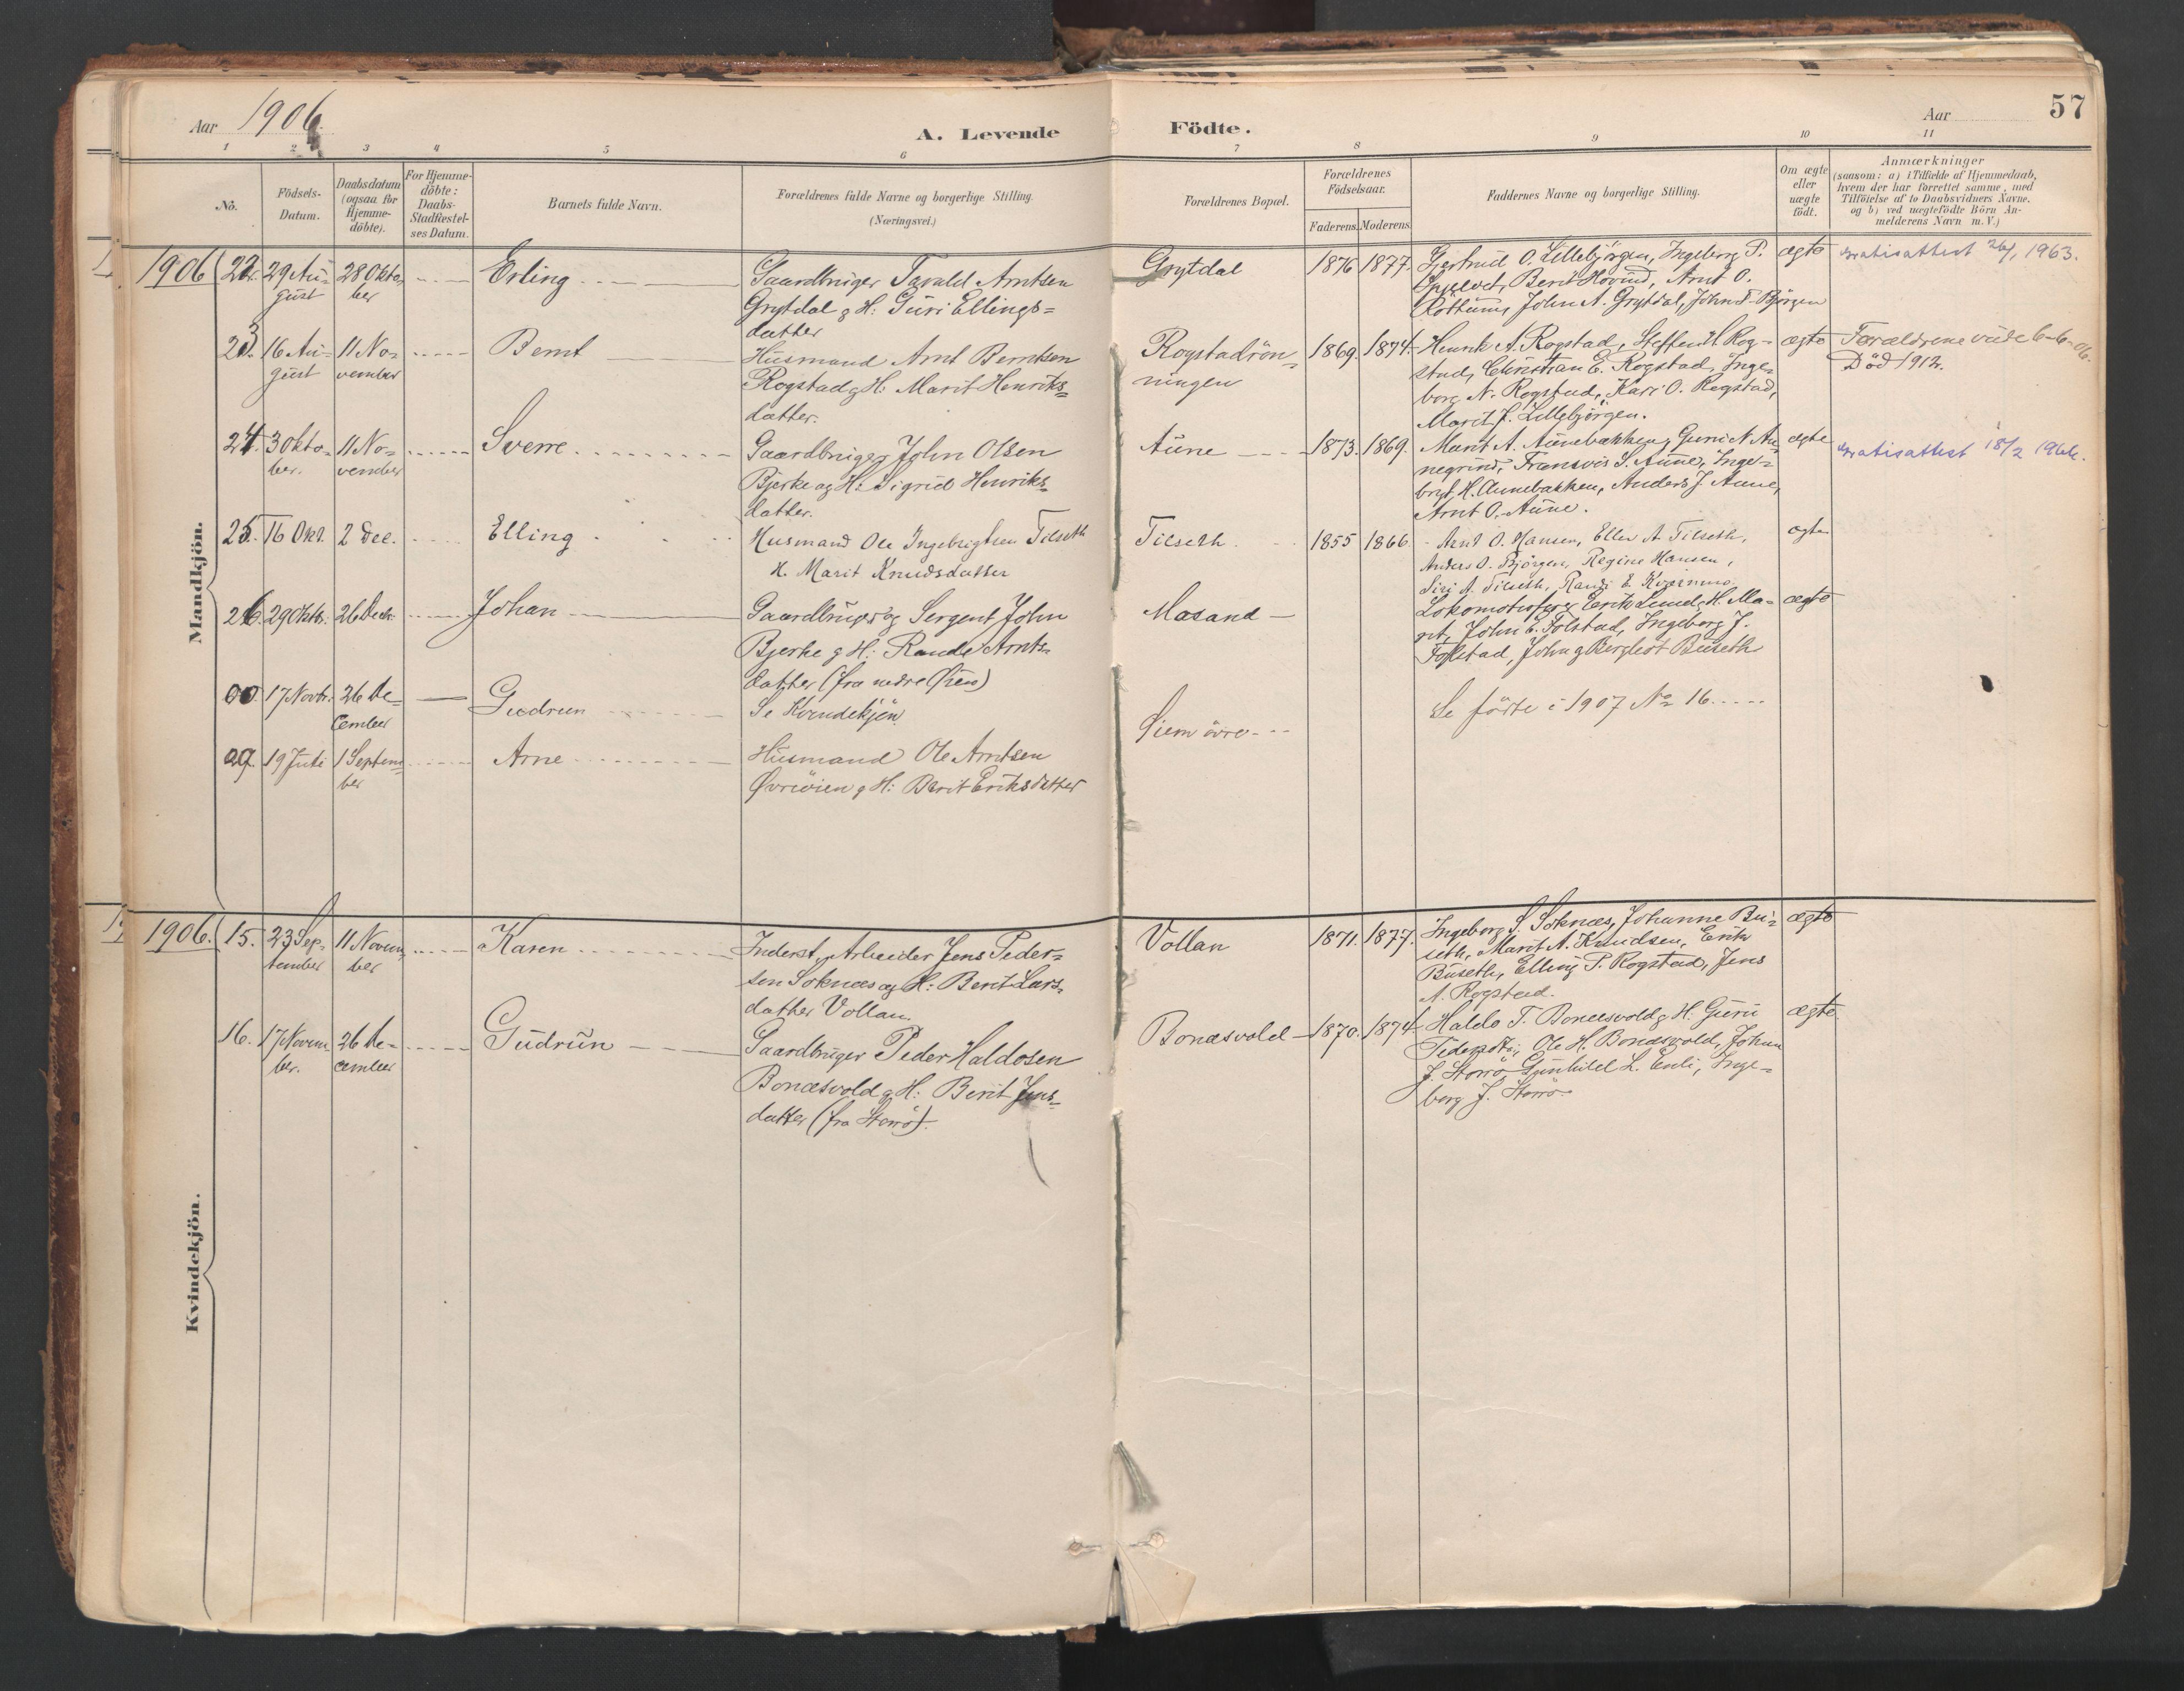 SAT, Ministerialprotokoller, klokkerbøker og fødselsregistre - Sør-Trøndelag, 687/L1004: Ministerialbok nr. 687A10, 1891-1923, s. 57